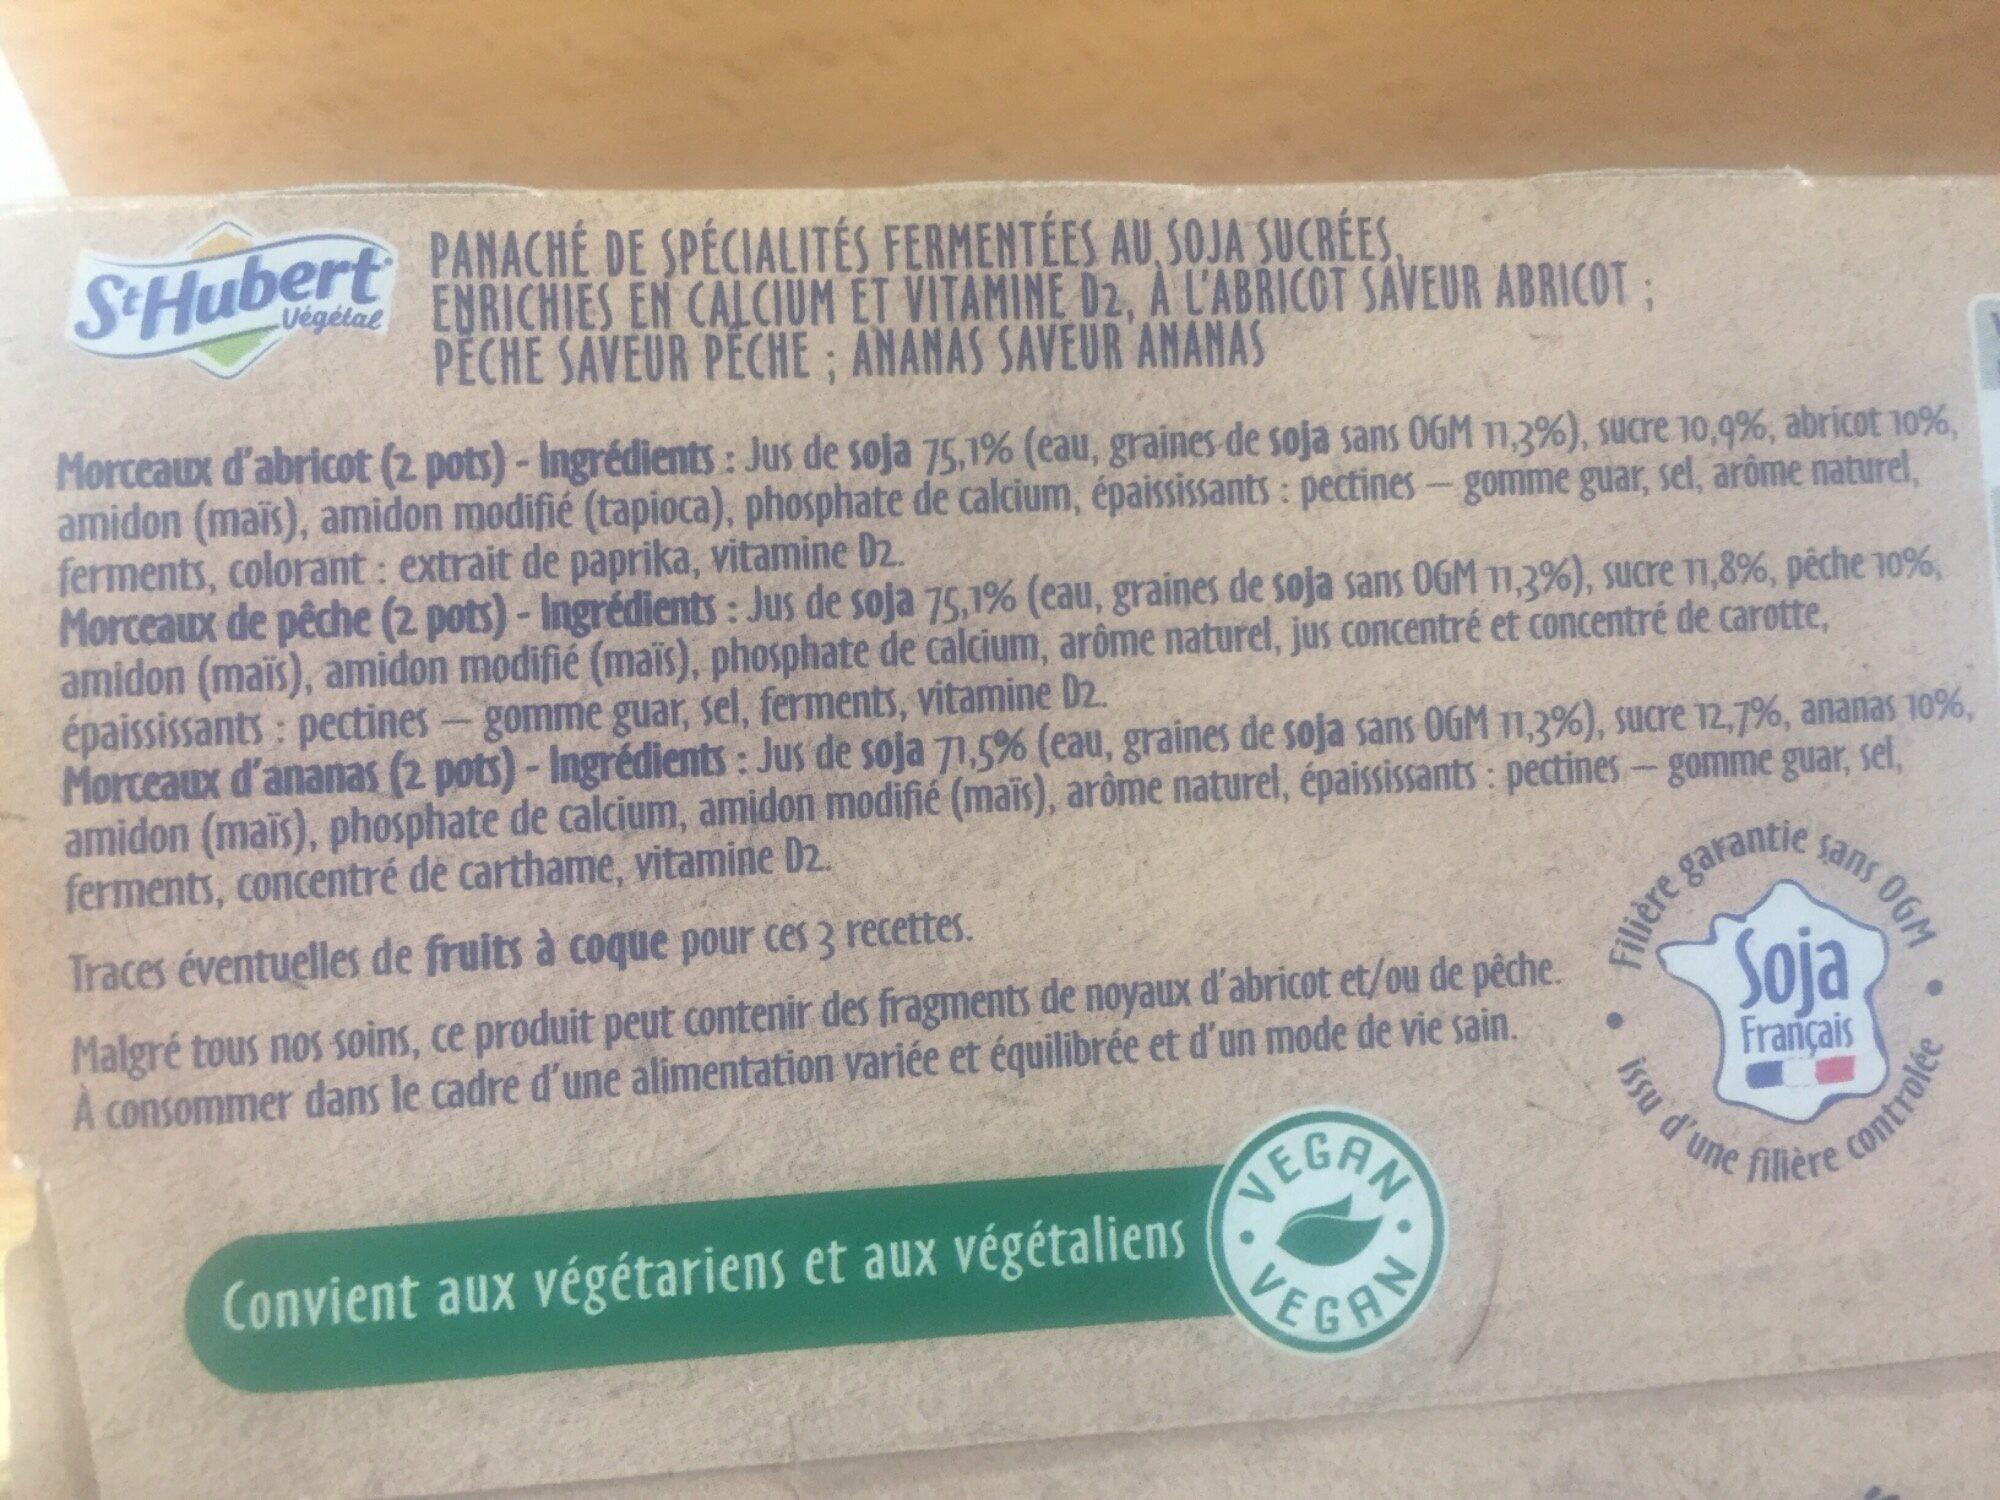 St Hubert Végétal Abricot, pêche & ananas - Ingredients - fr